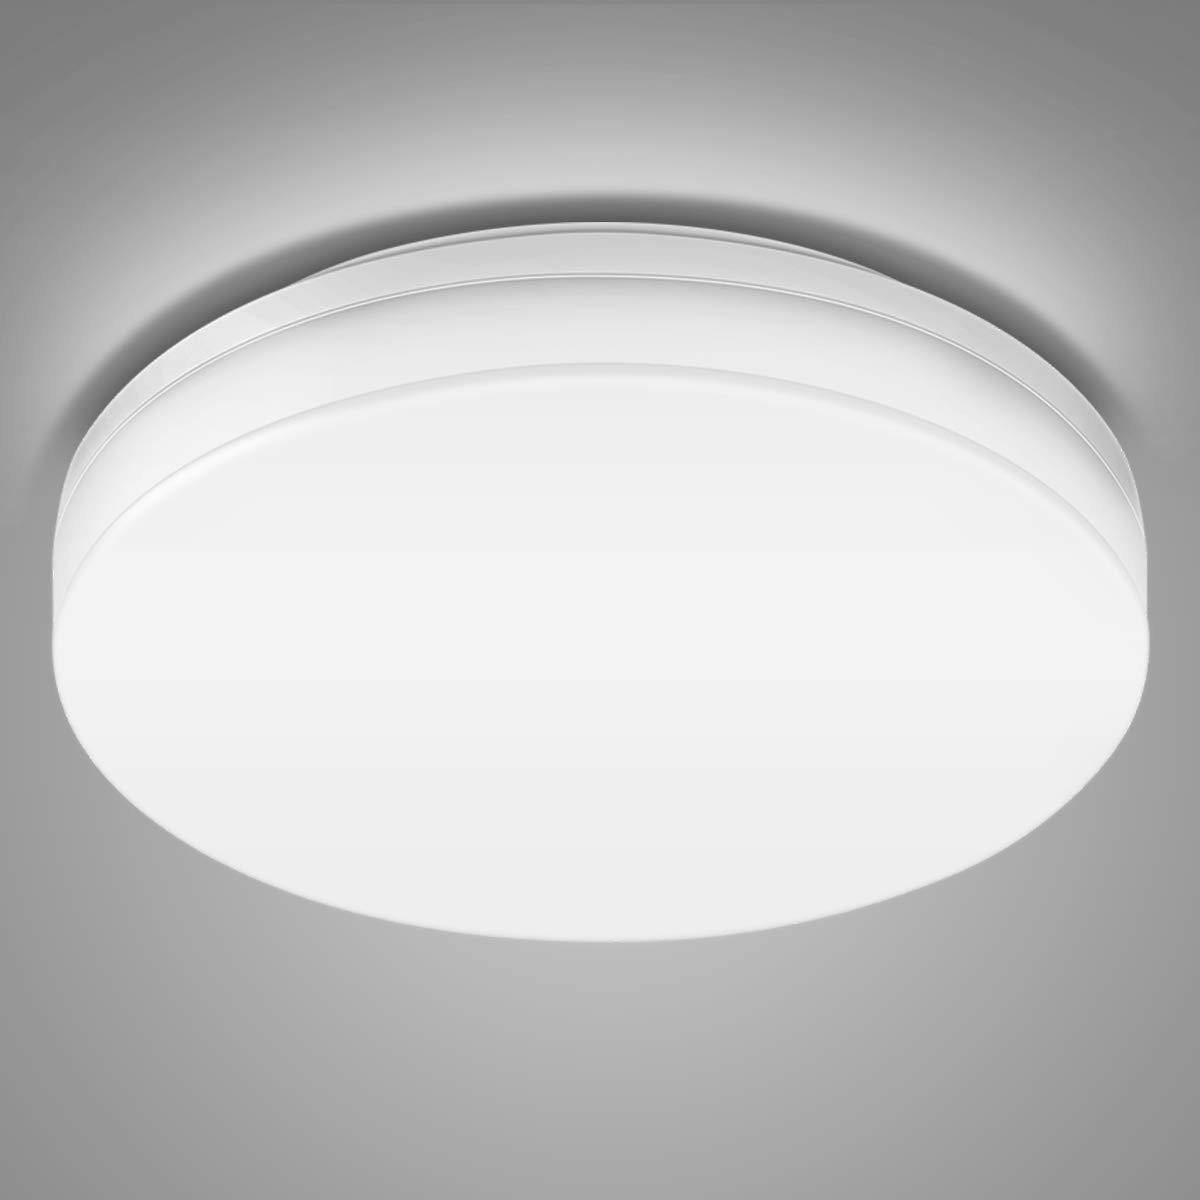 bathroom led lighting amazon co uk rh amazon co uk bathroom led lights ip65 bathroom led lights wickes